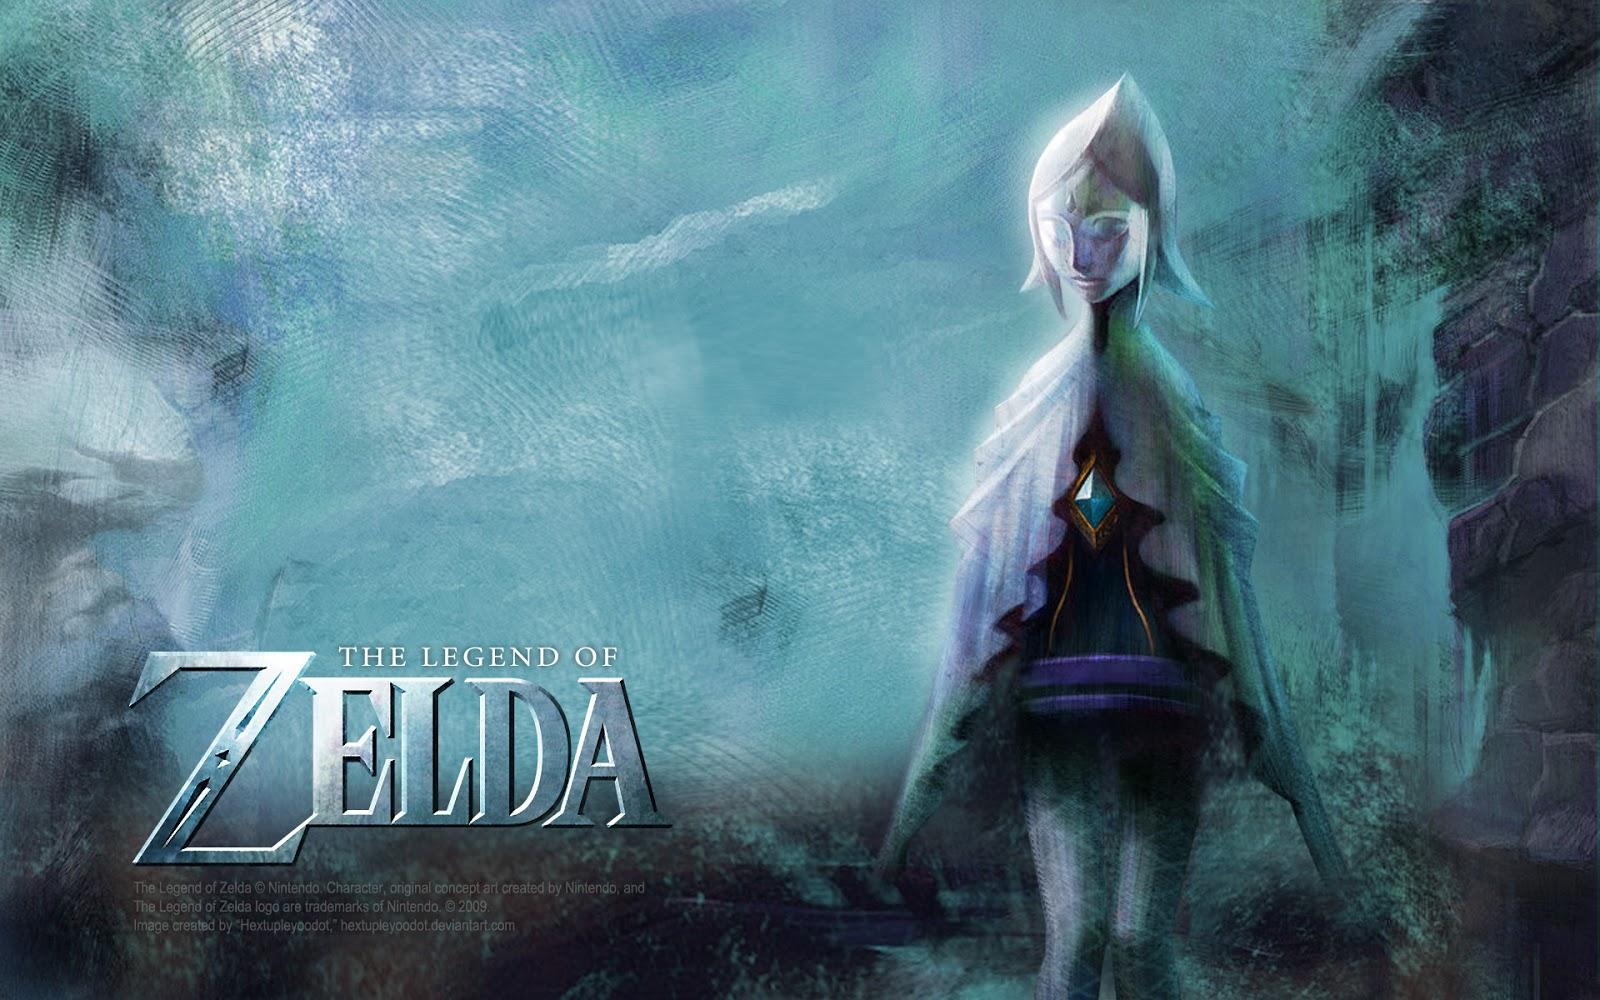 The Legend of Zelda Wallpaper HD 1600x1000